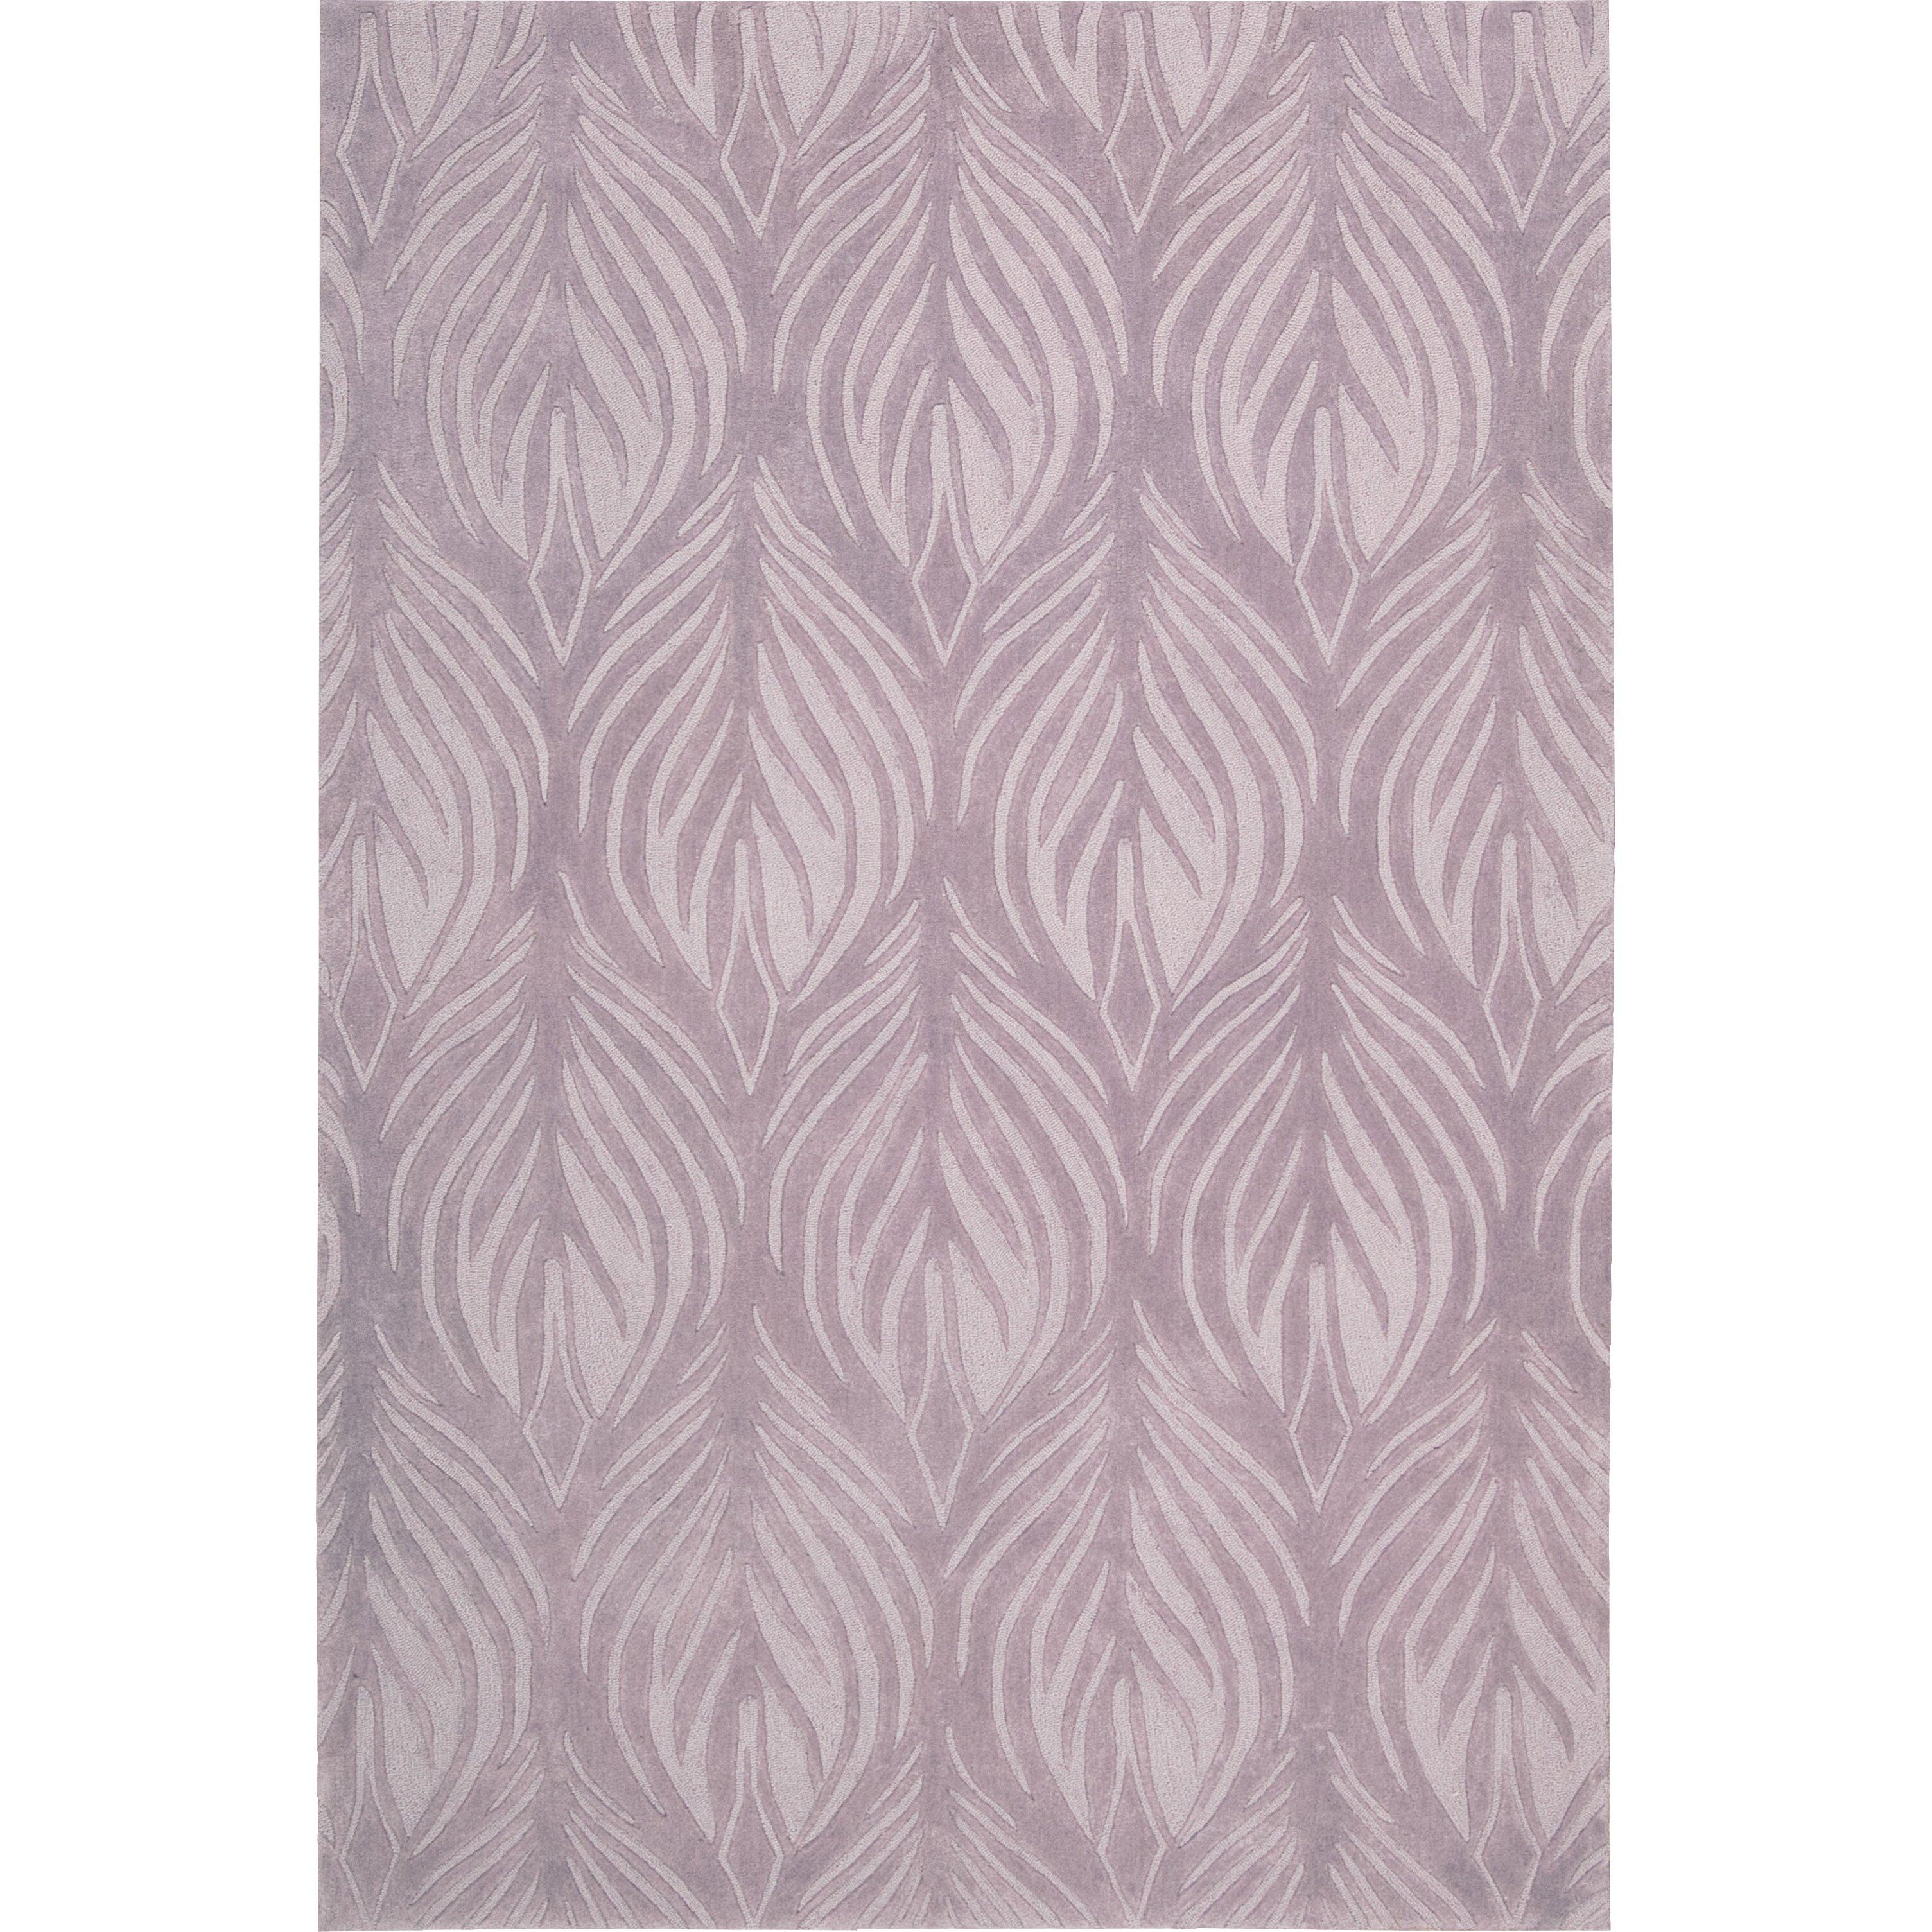 Lavender Rug: Nourison Contour Lavender Area Rug & Reviews